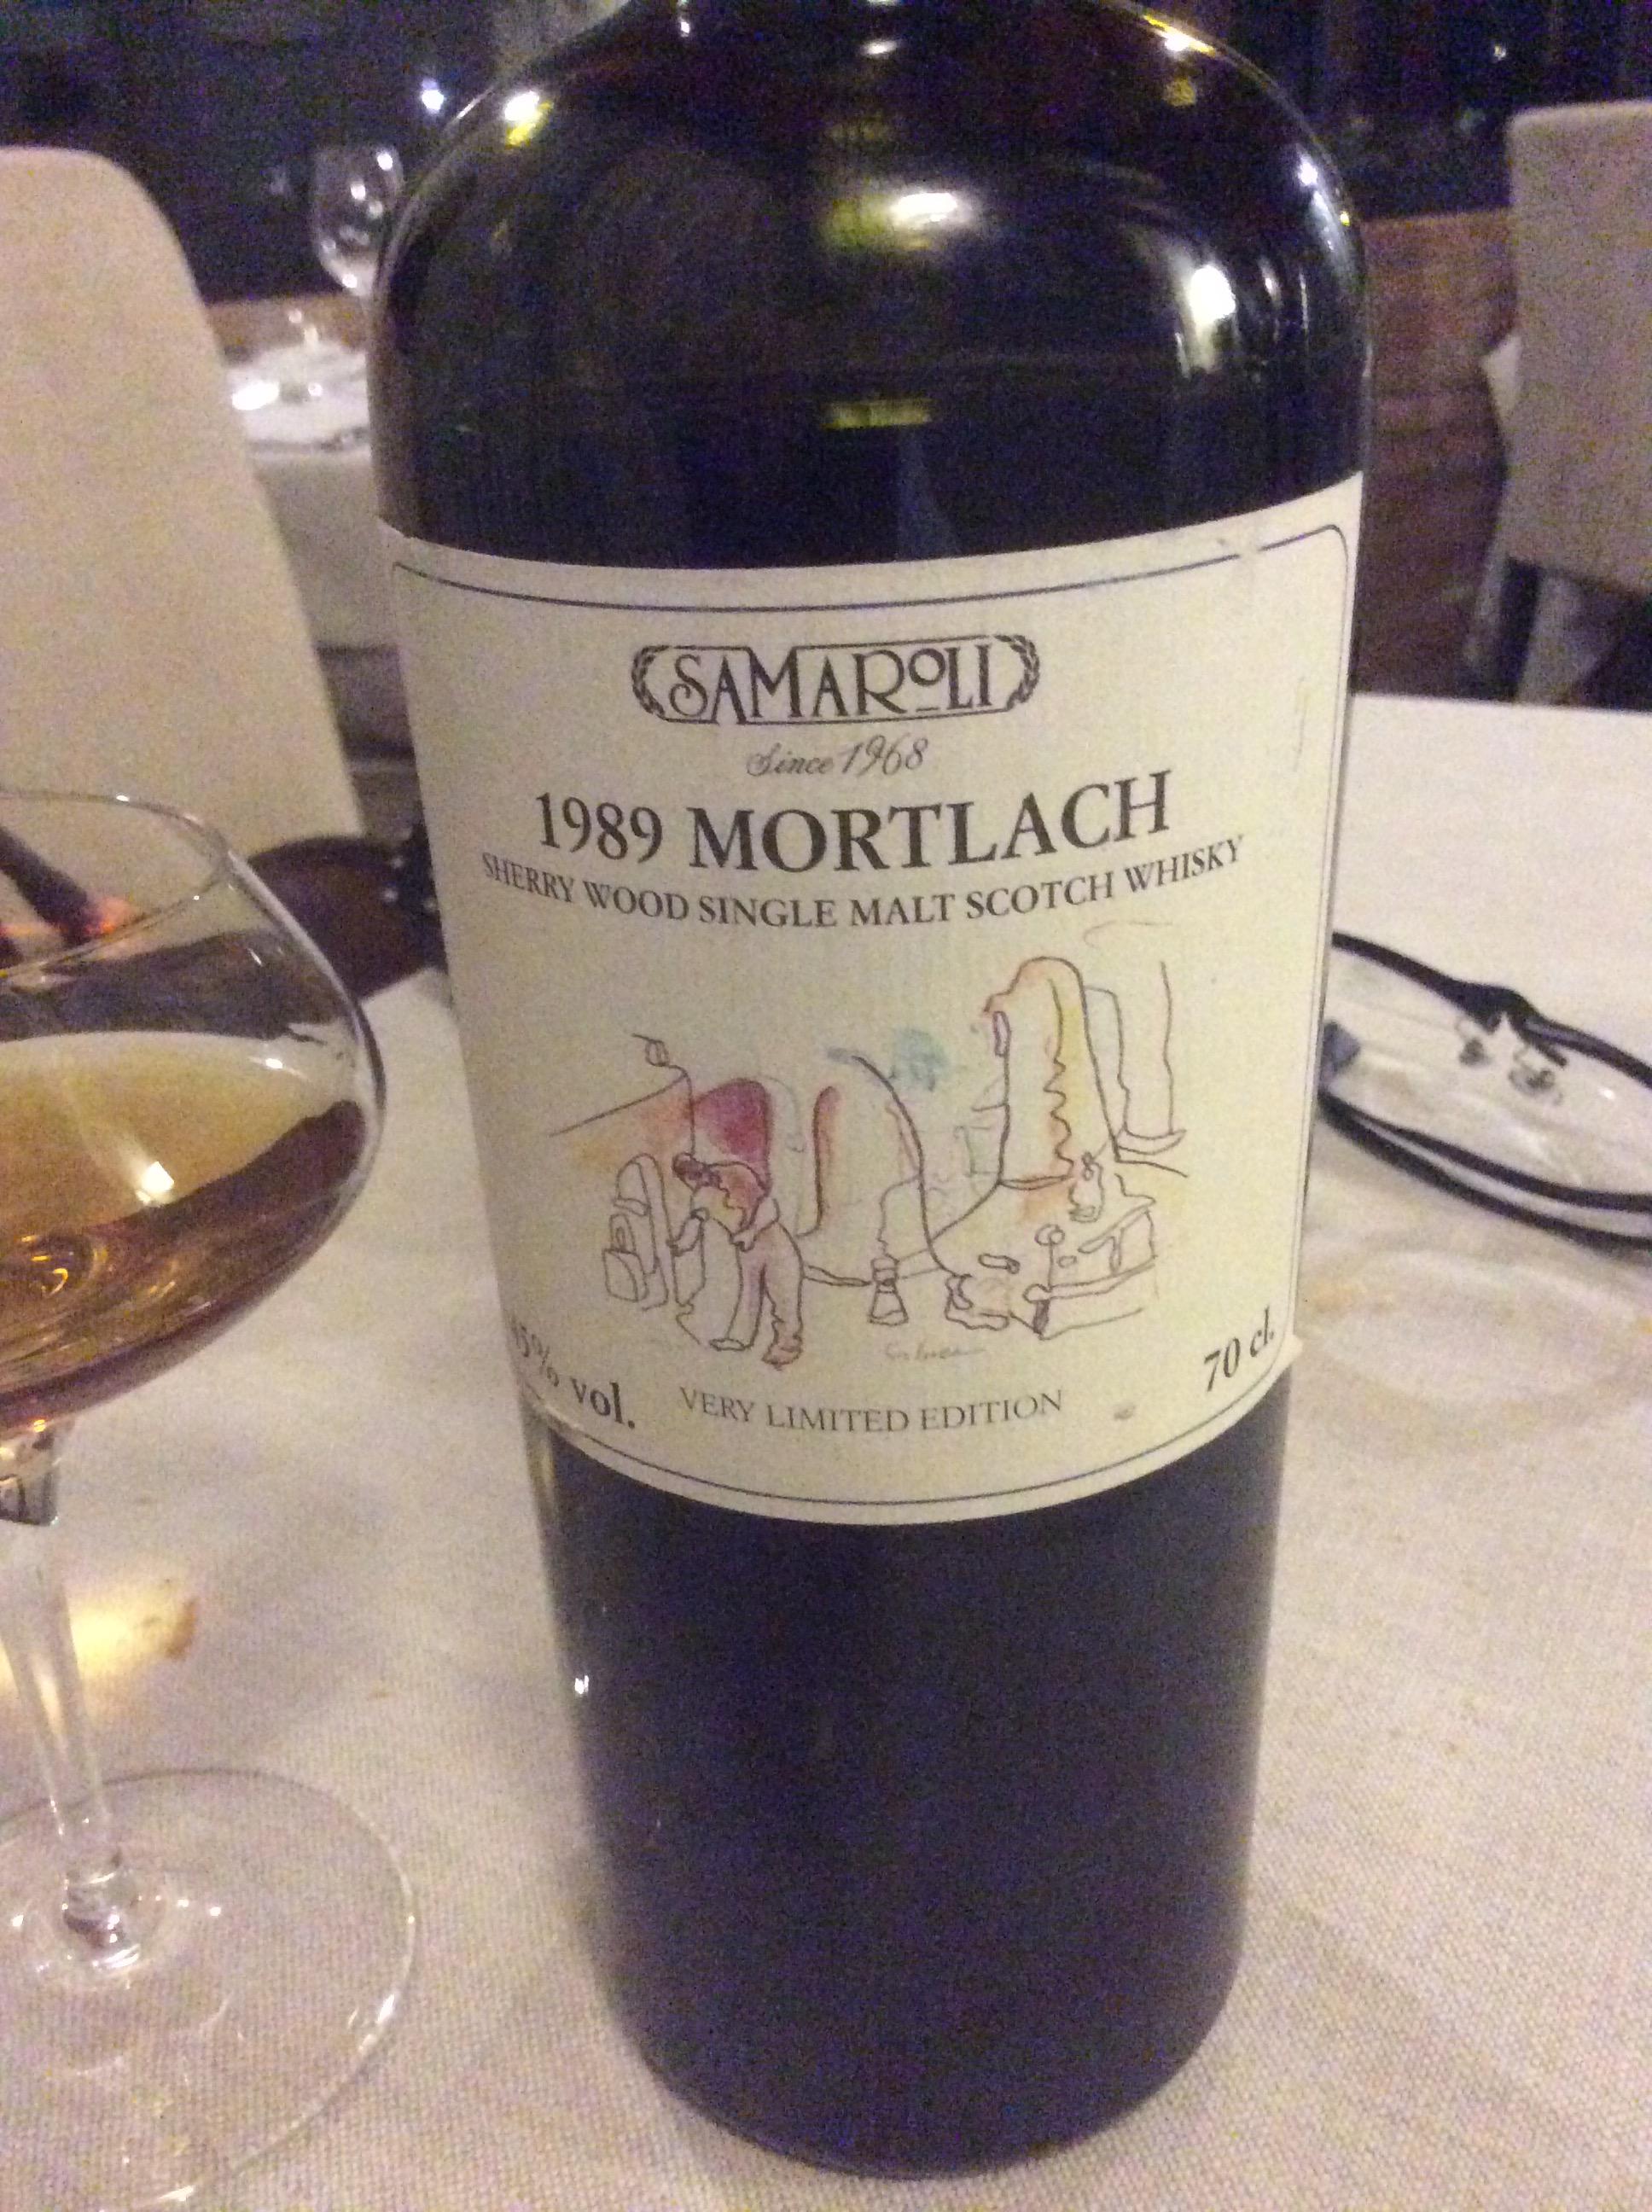 http://gourmet-italian.com/2121.JPG